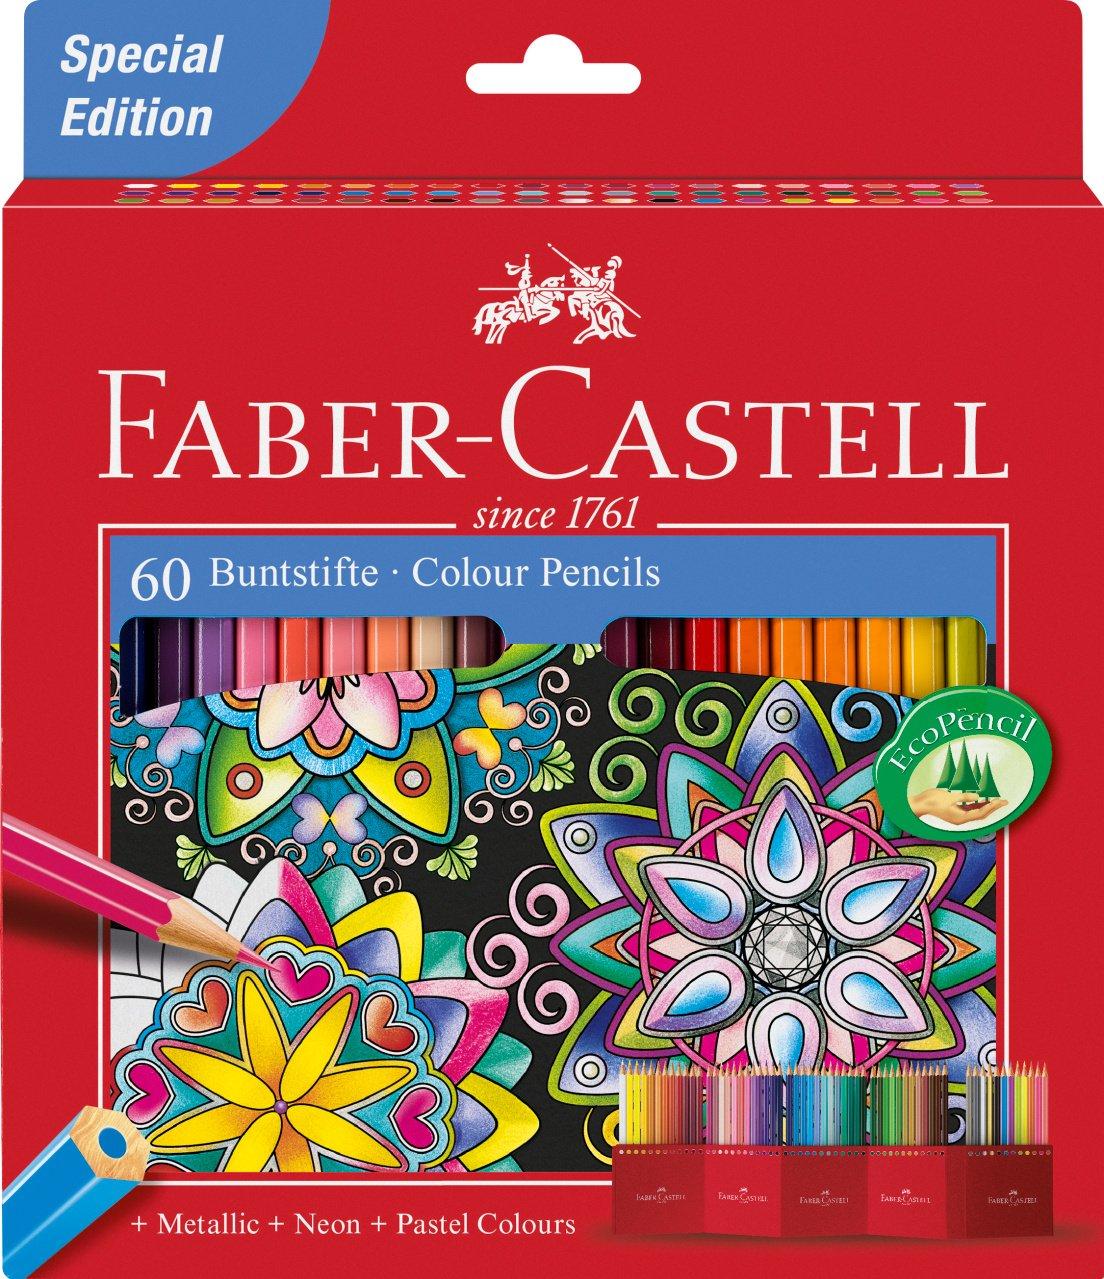 Faber-Castell 111260 - Estuche-soporte de cartón con 60 lápices de colores, multicolor: Amazon.es: Oficina y papelería